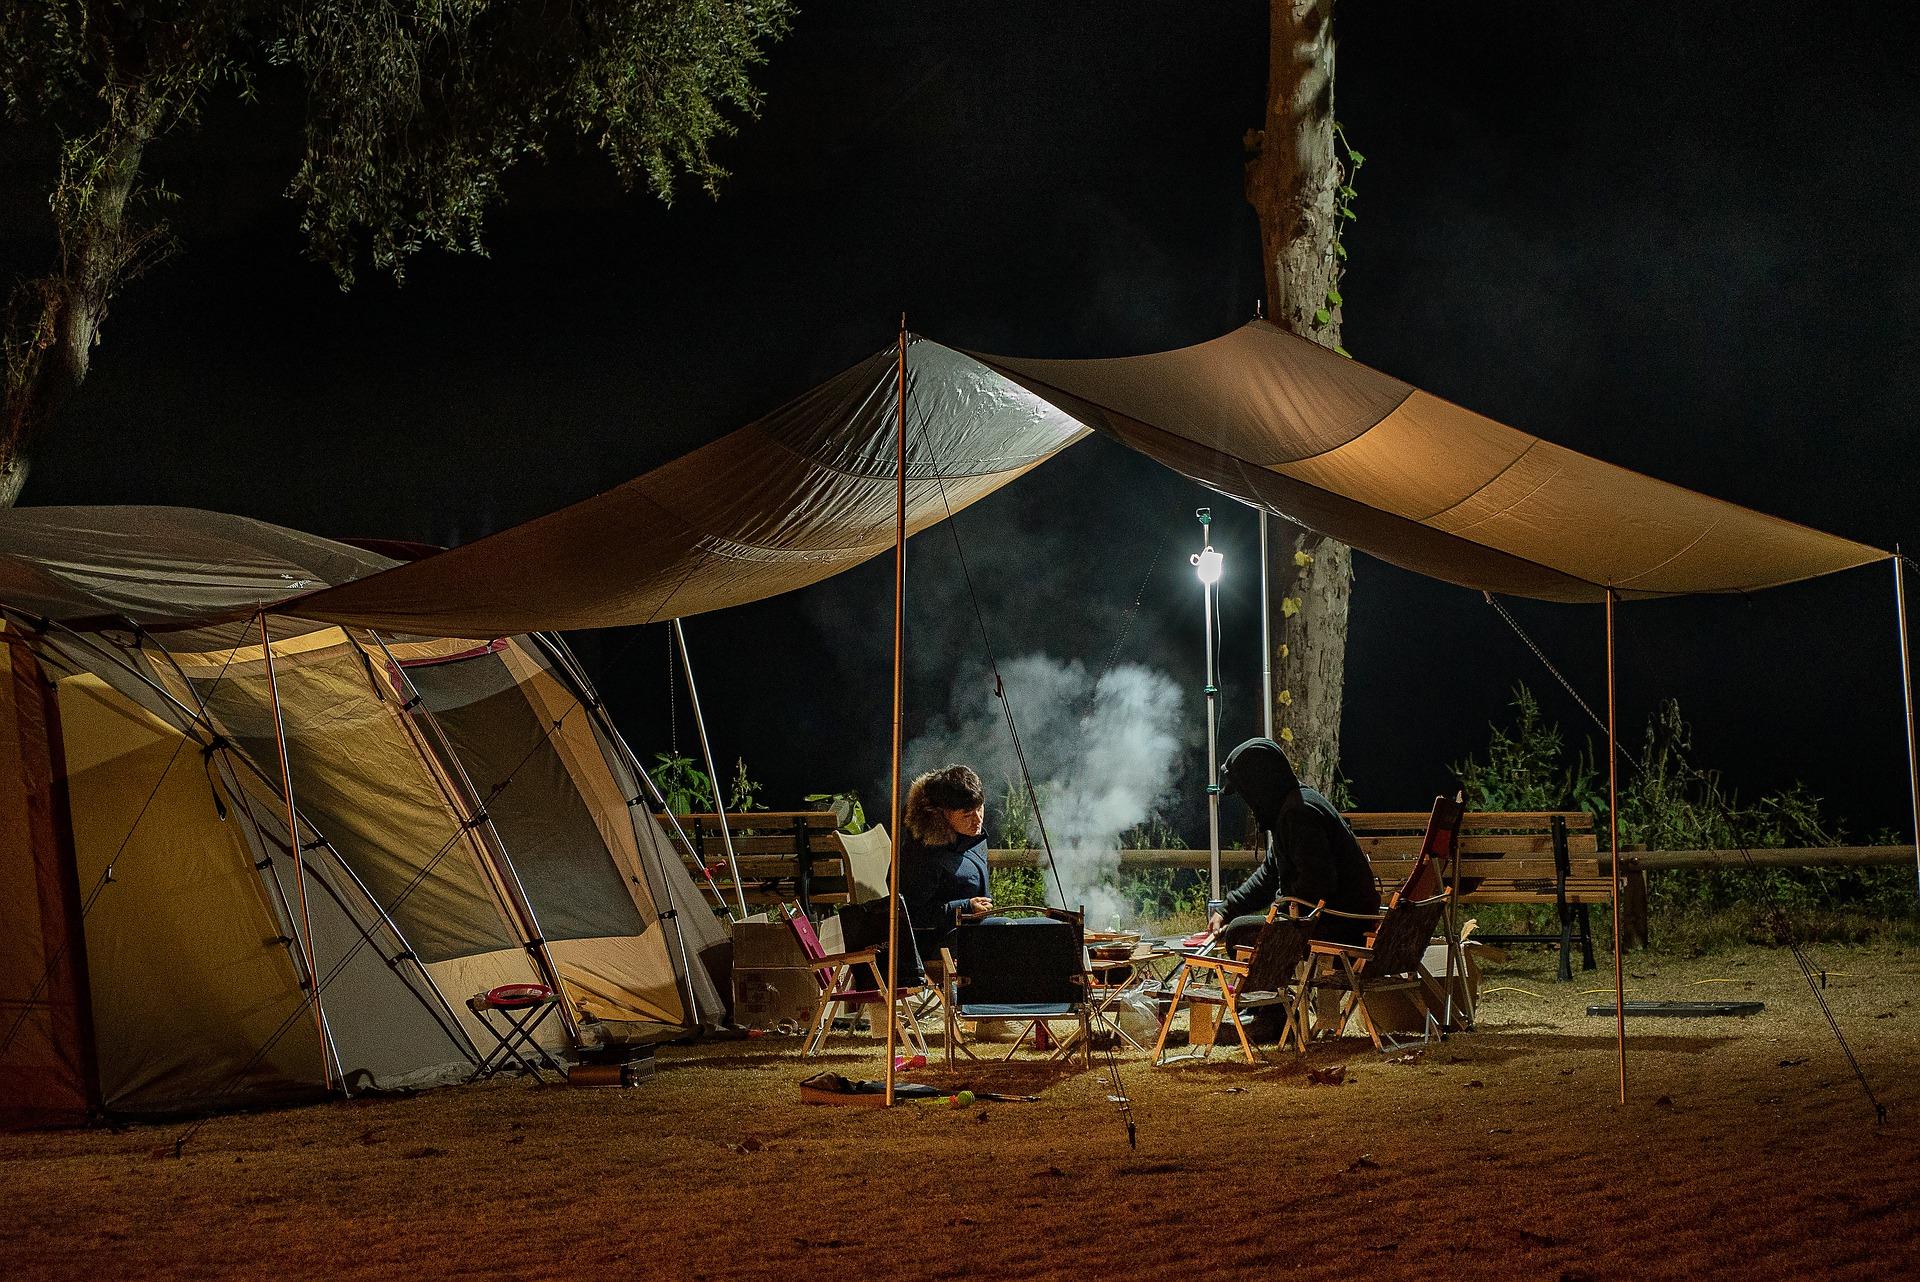 car camping tent pixabay